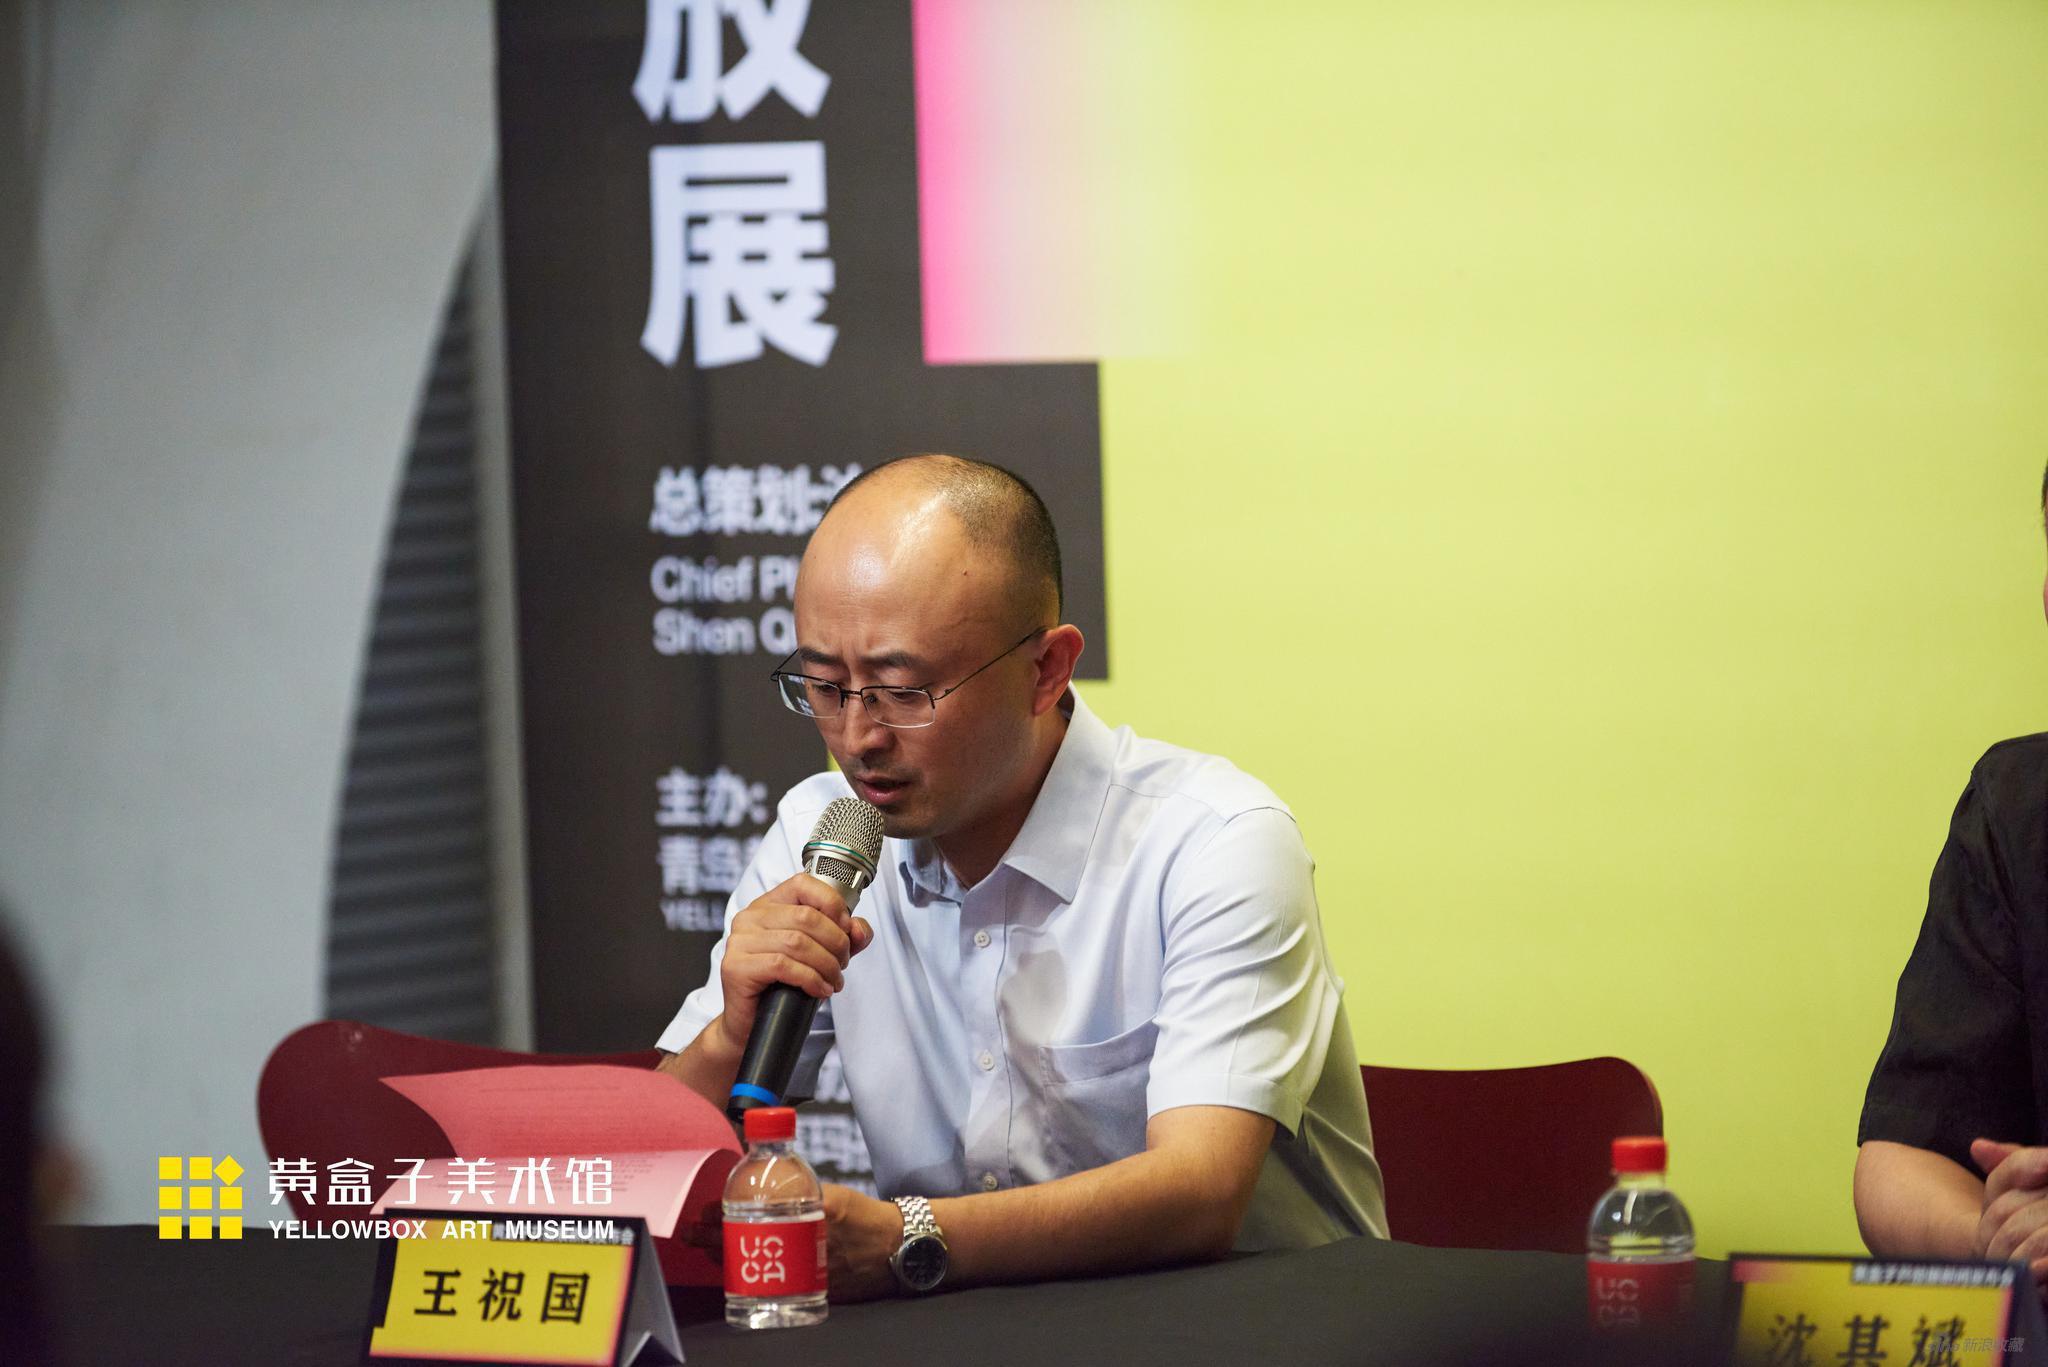 主办方青岛黄盒子美术馆执行馆长王祝国宣布发布会召开